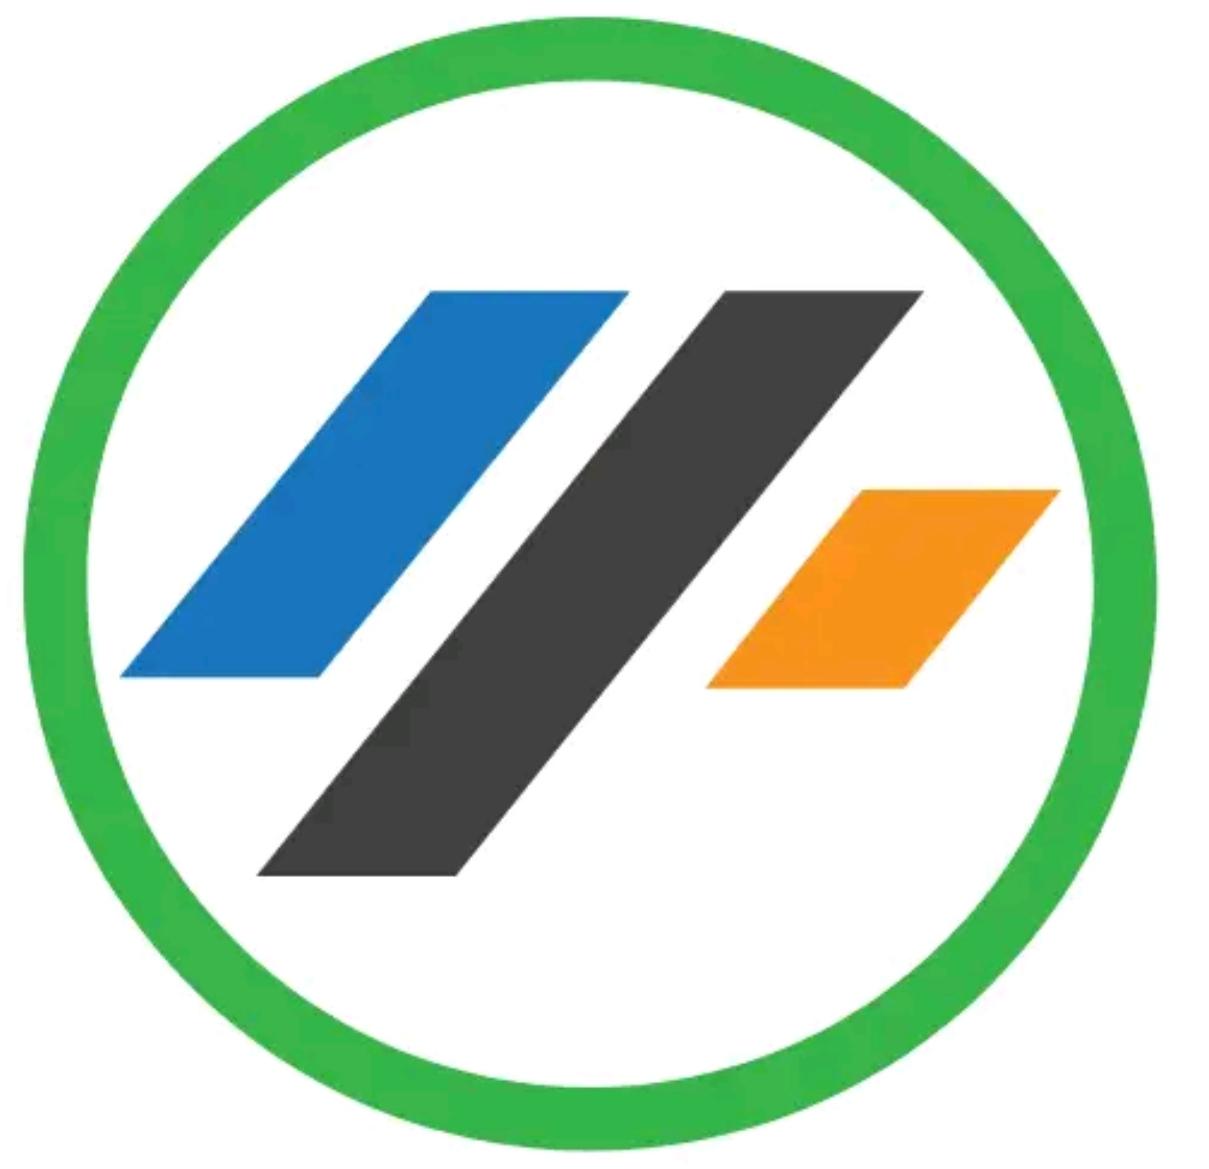 Kiba Loan App